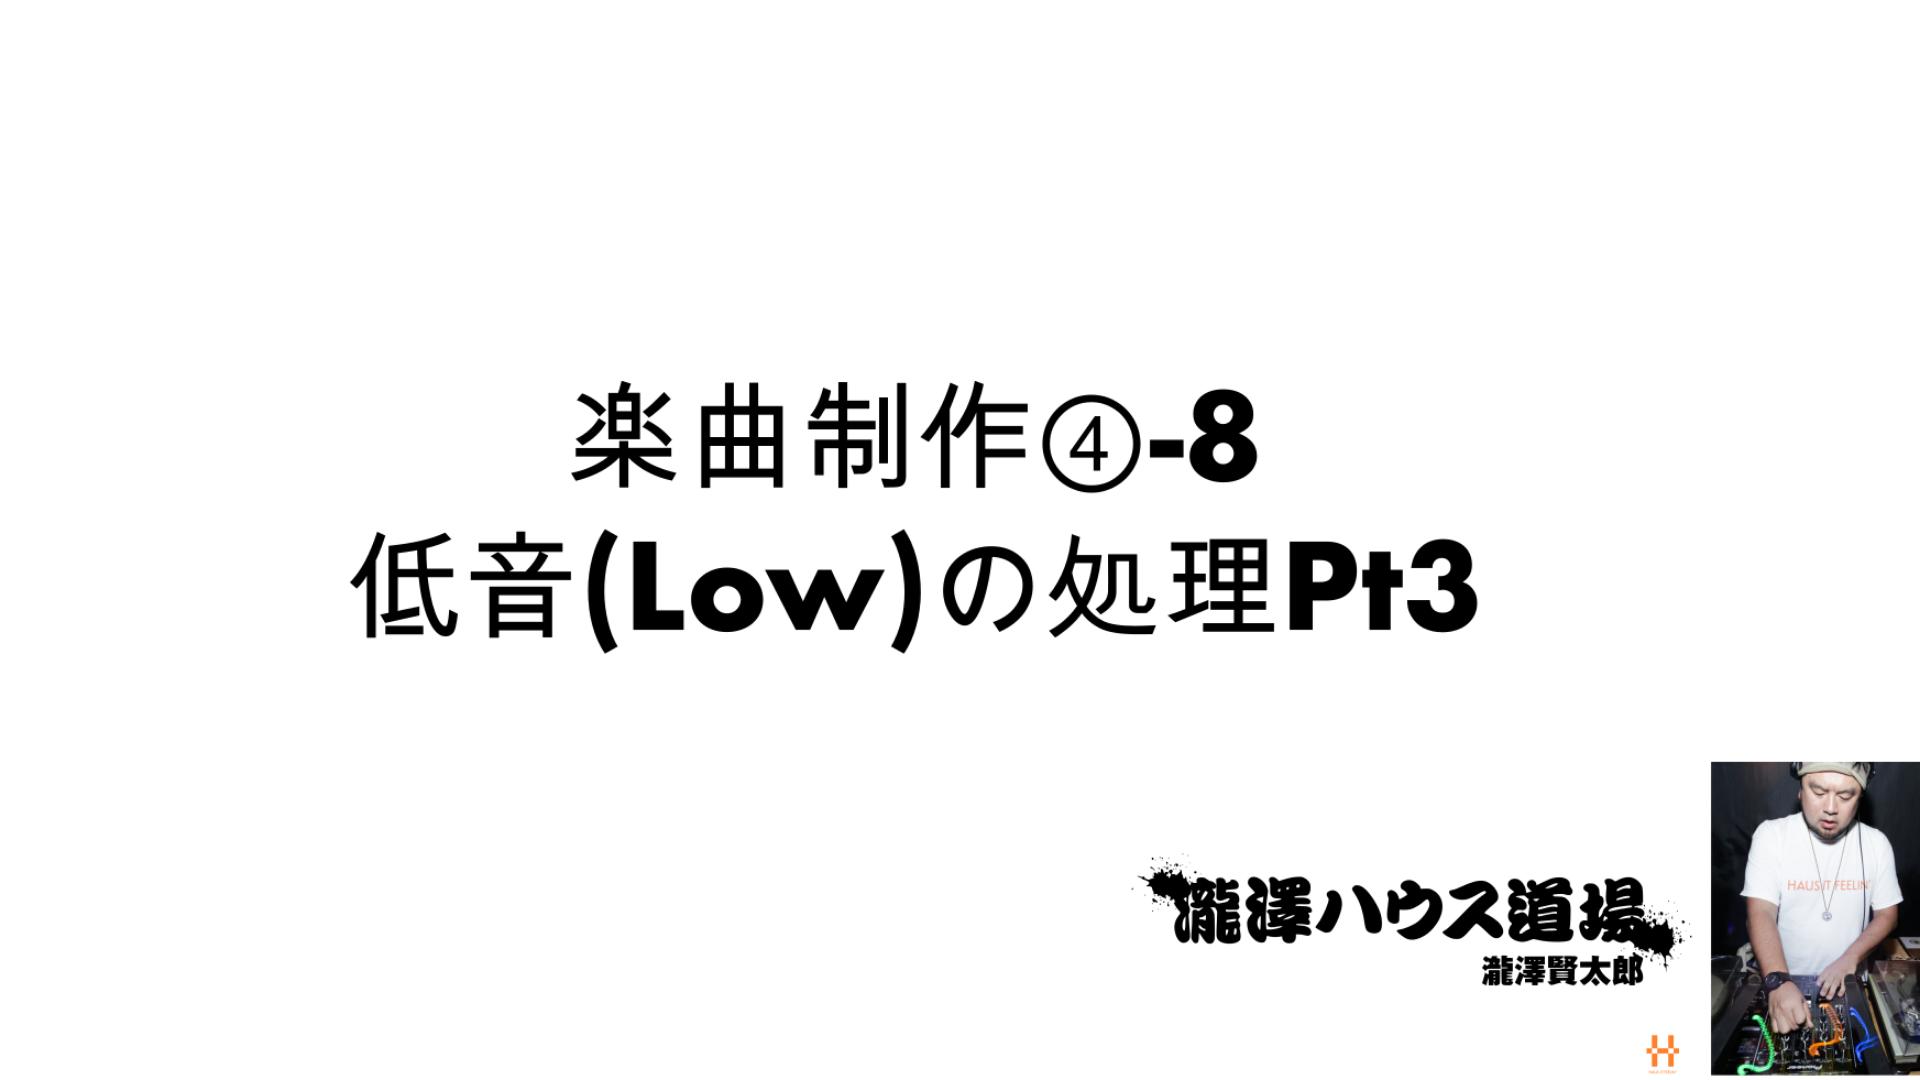 楽曲制作④-8低音(Low)の処理Pt3